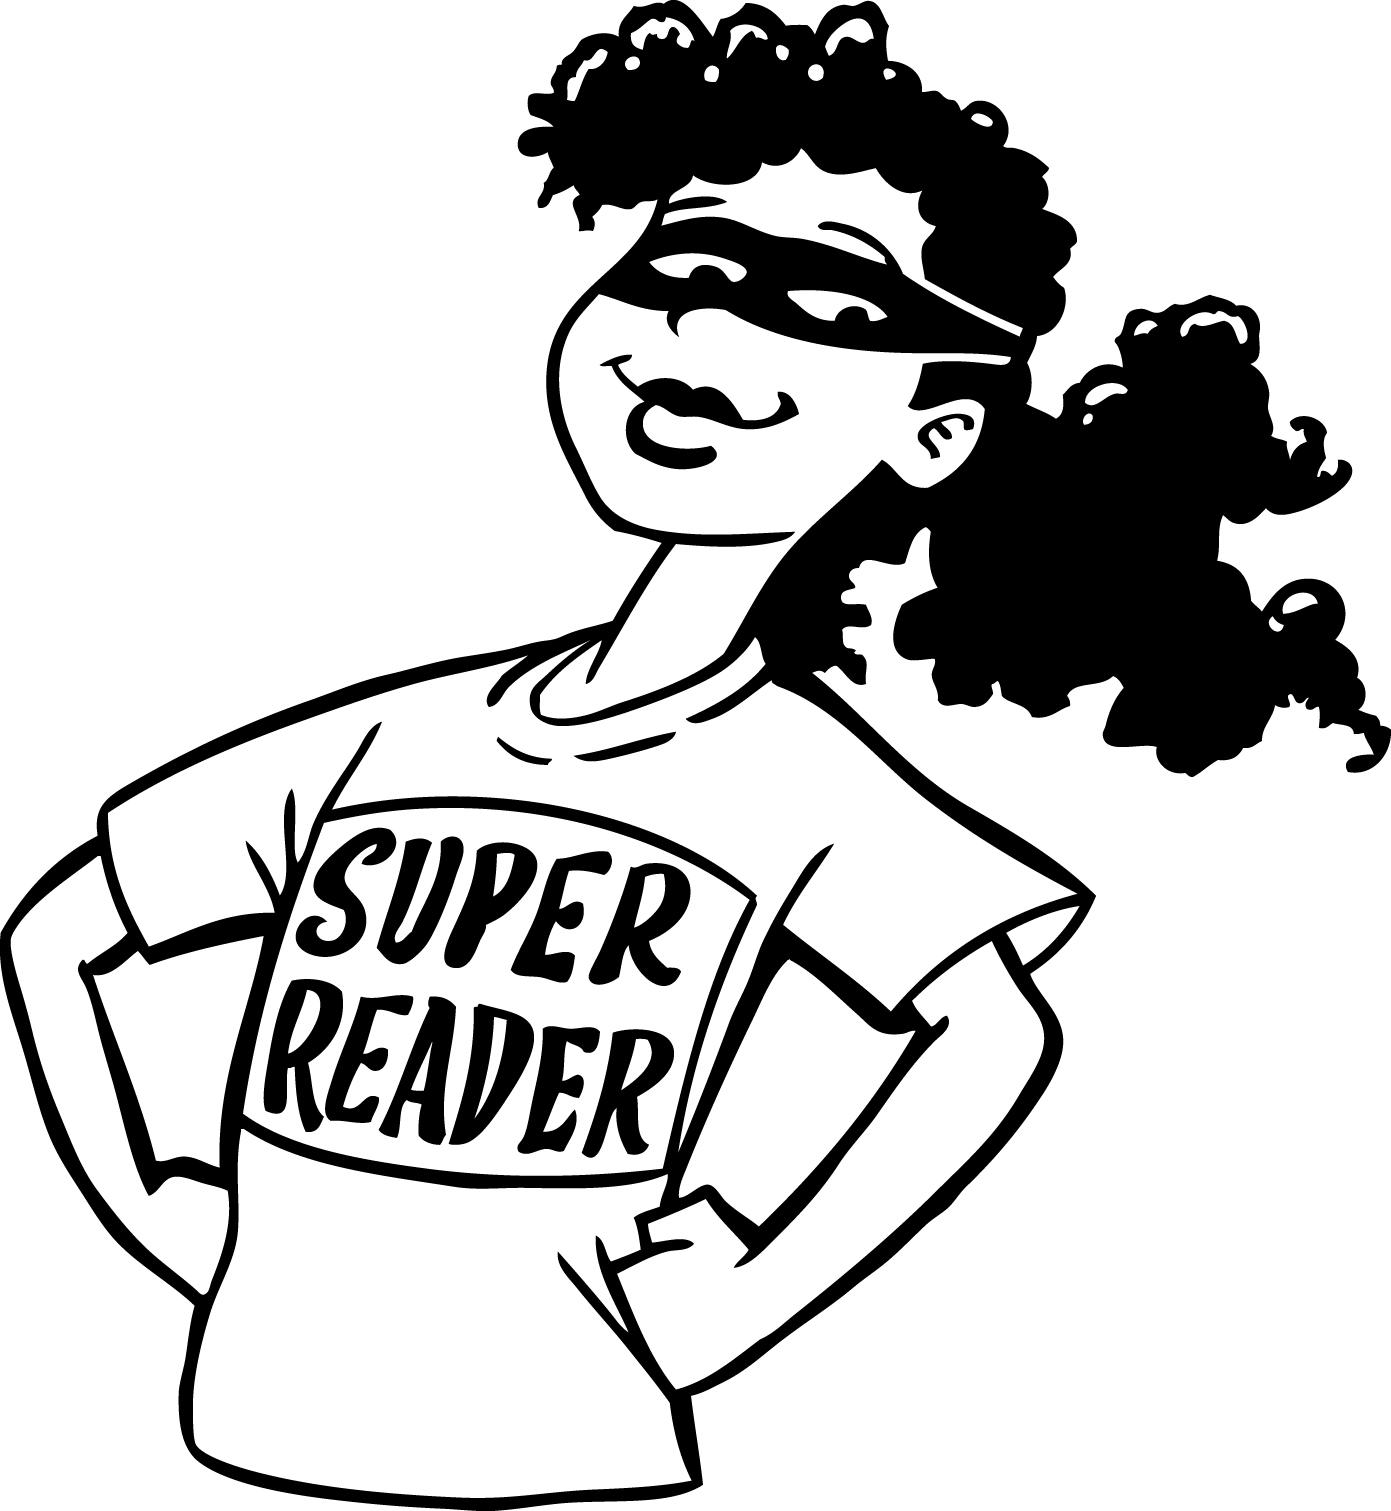 Super Reader